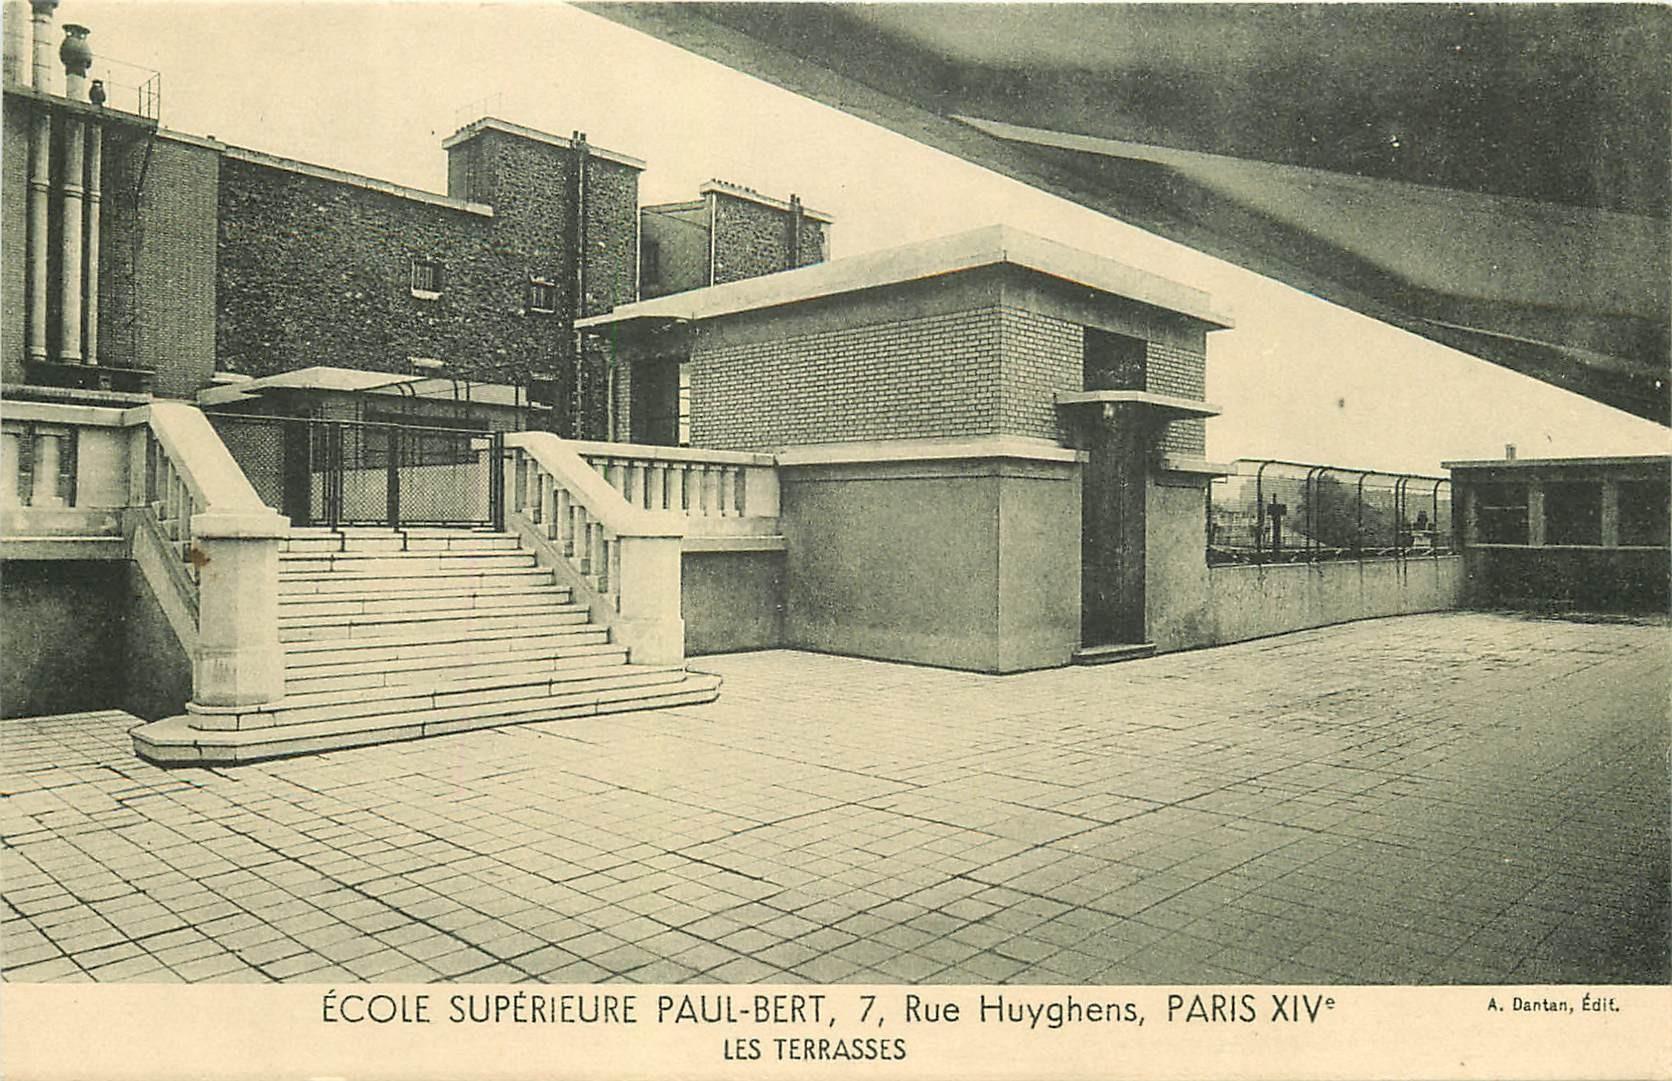 PARIS 14. Ecole Supérieure Paul-Bert 7 rue Huyghens. Les Terrasses